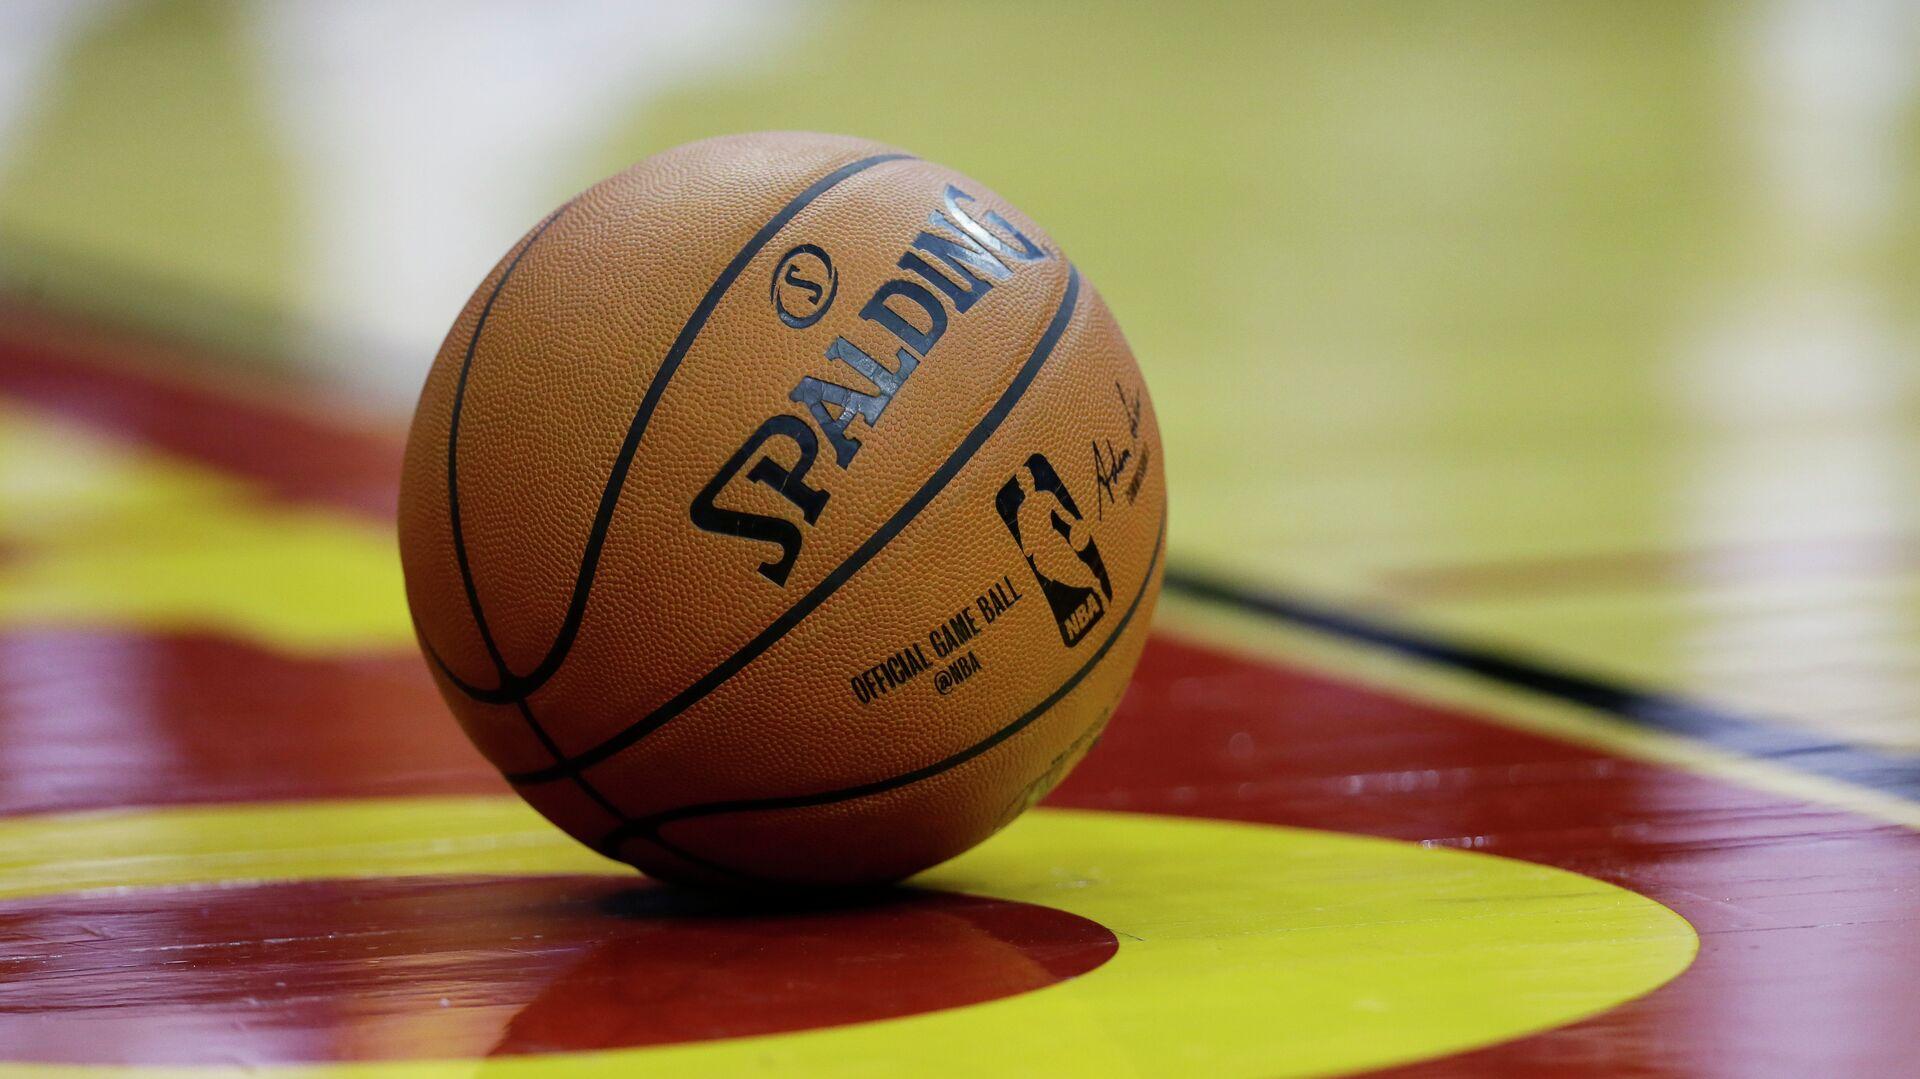 Баскетбольный мяч НБА - РИА Новости, 1920, 23.04.2021